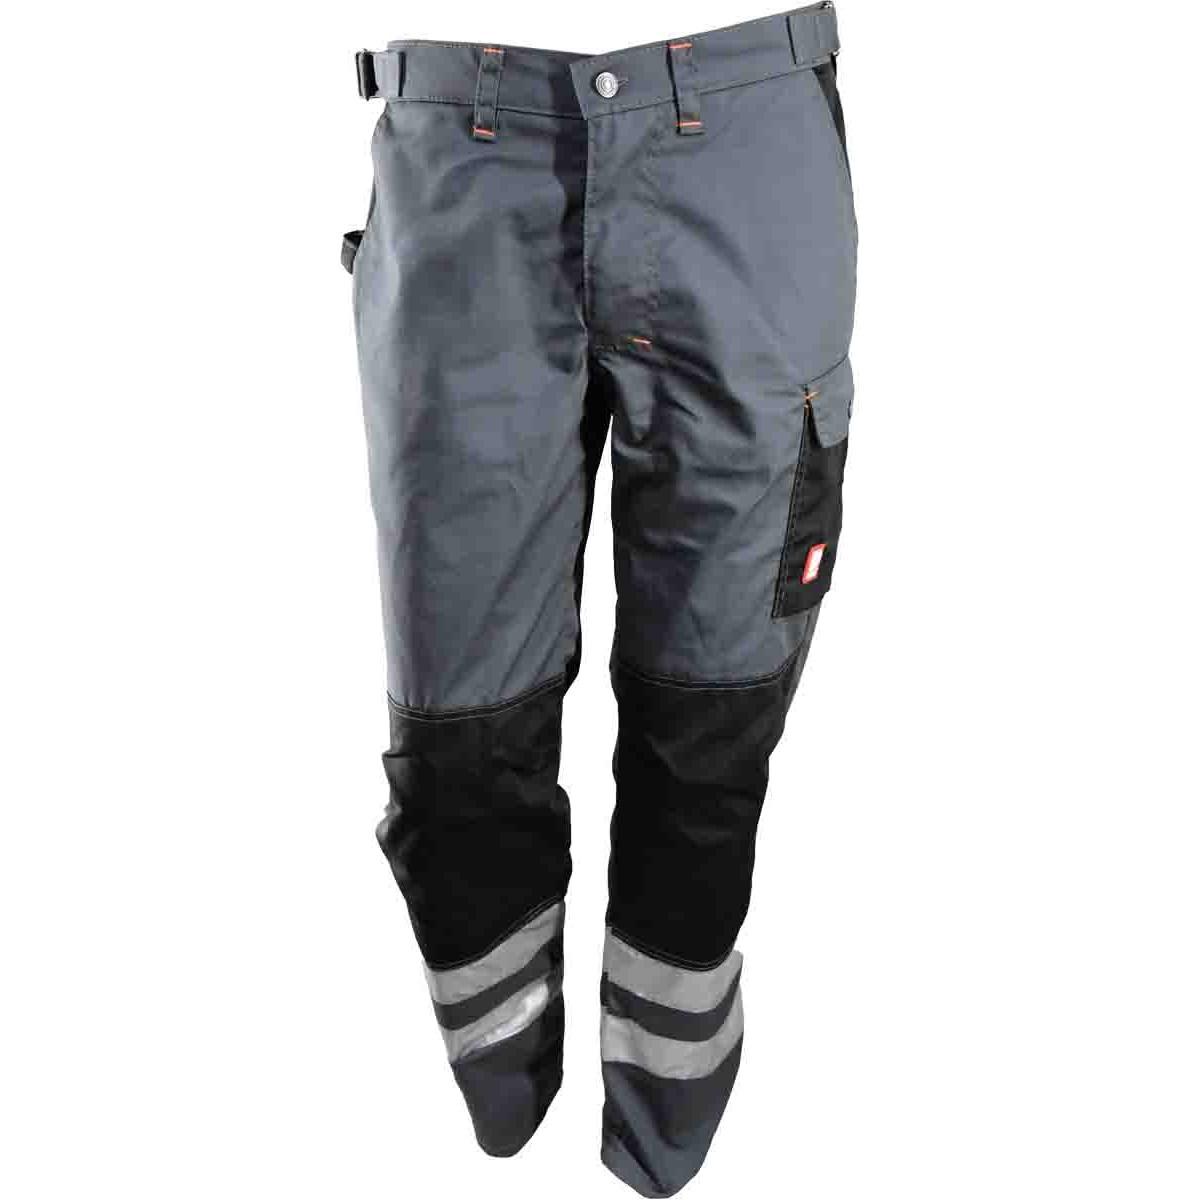 Spodnie rozm. M, monterskie - VOLPEX Spodnie rozm. M - VOLPEX